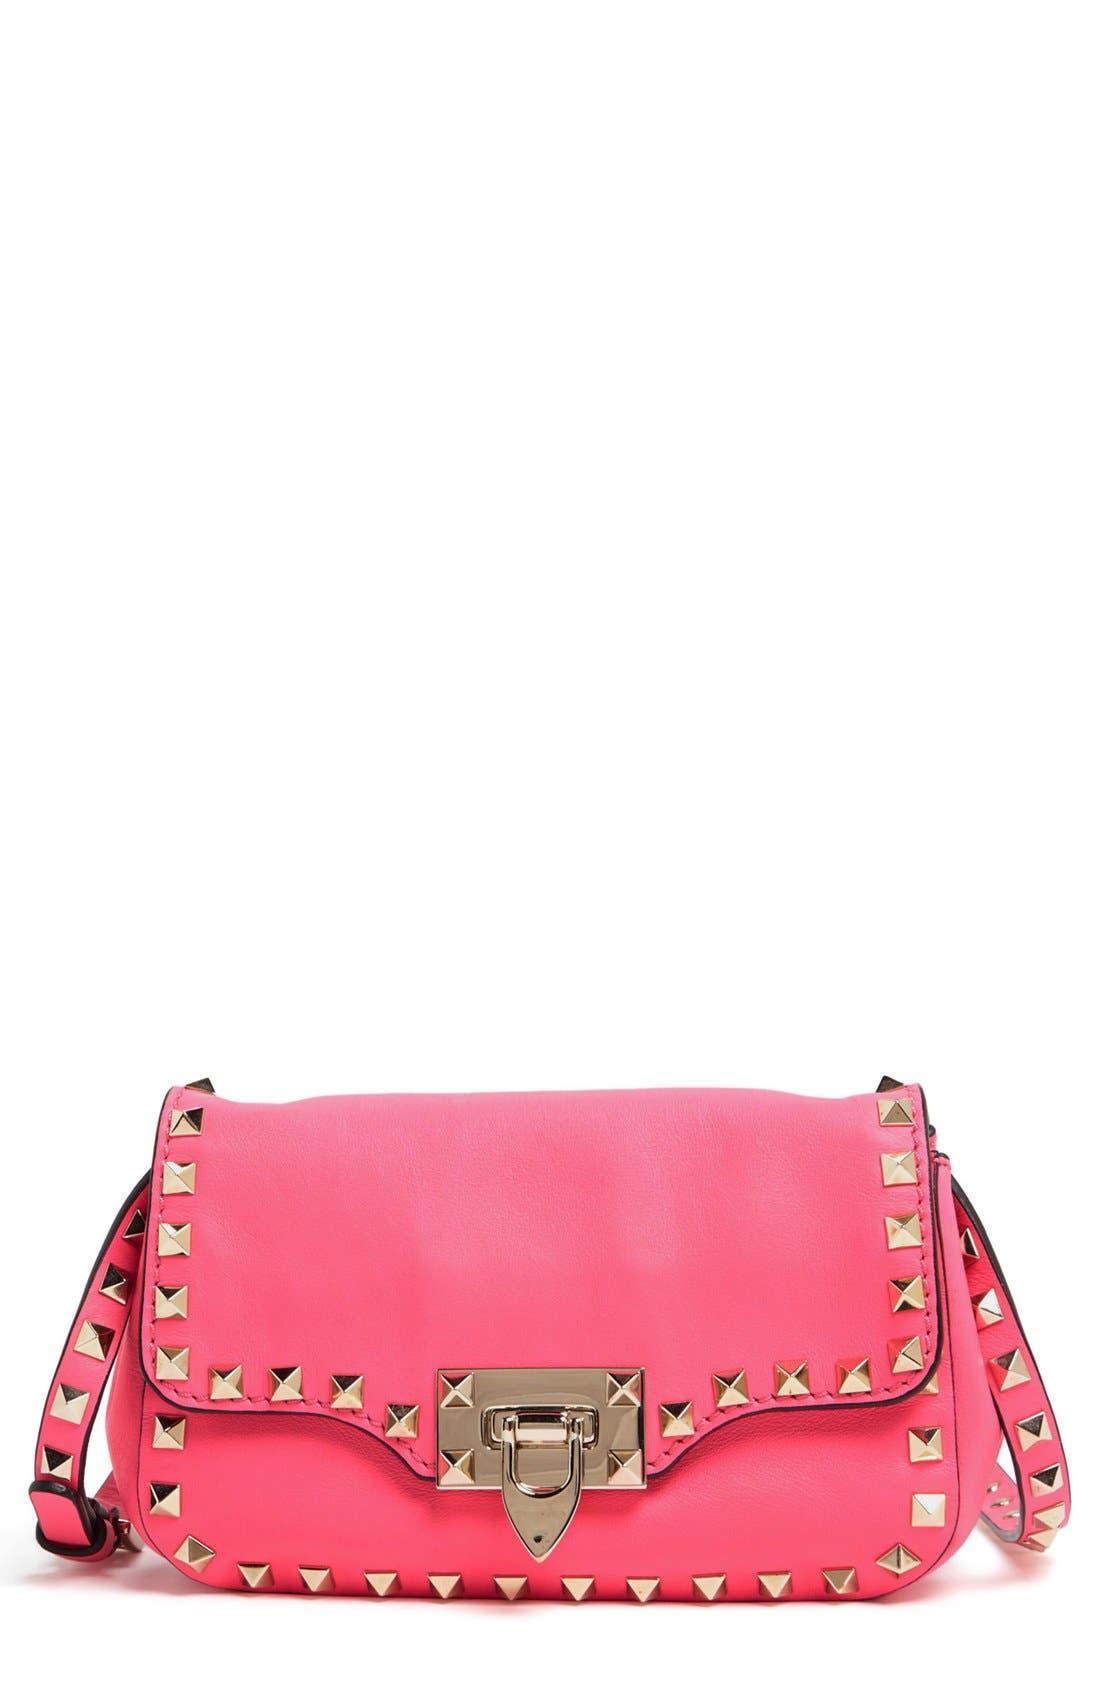 Main Image - Valentino 'Small Rockstud' Flap Bag